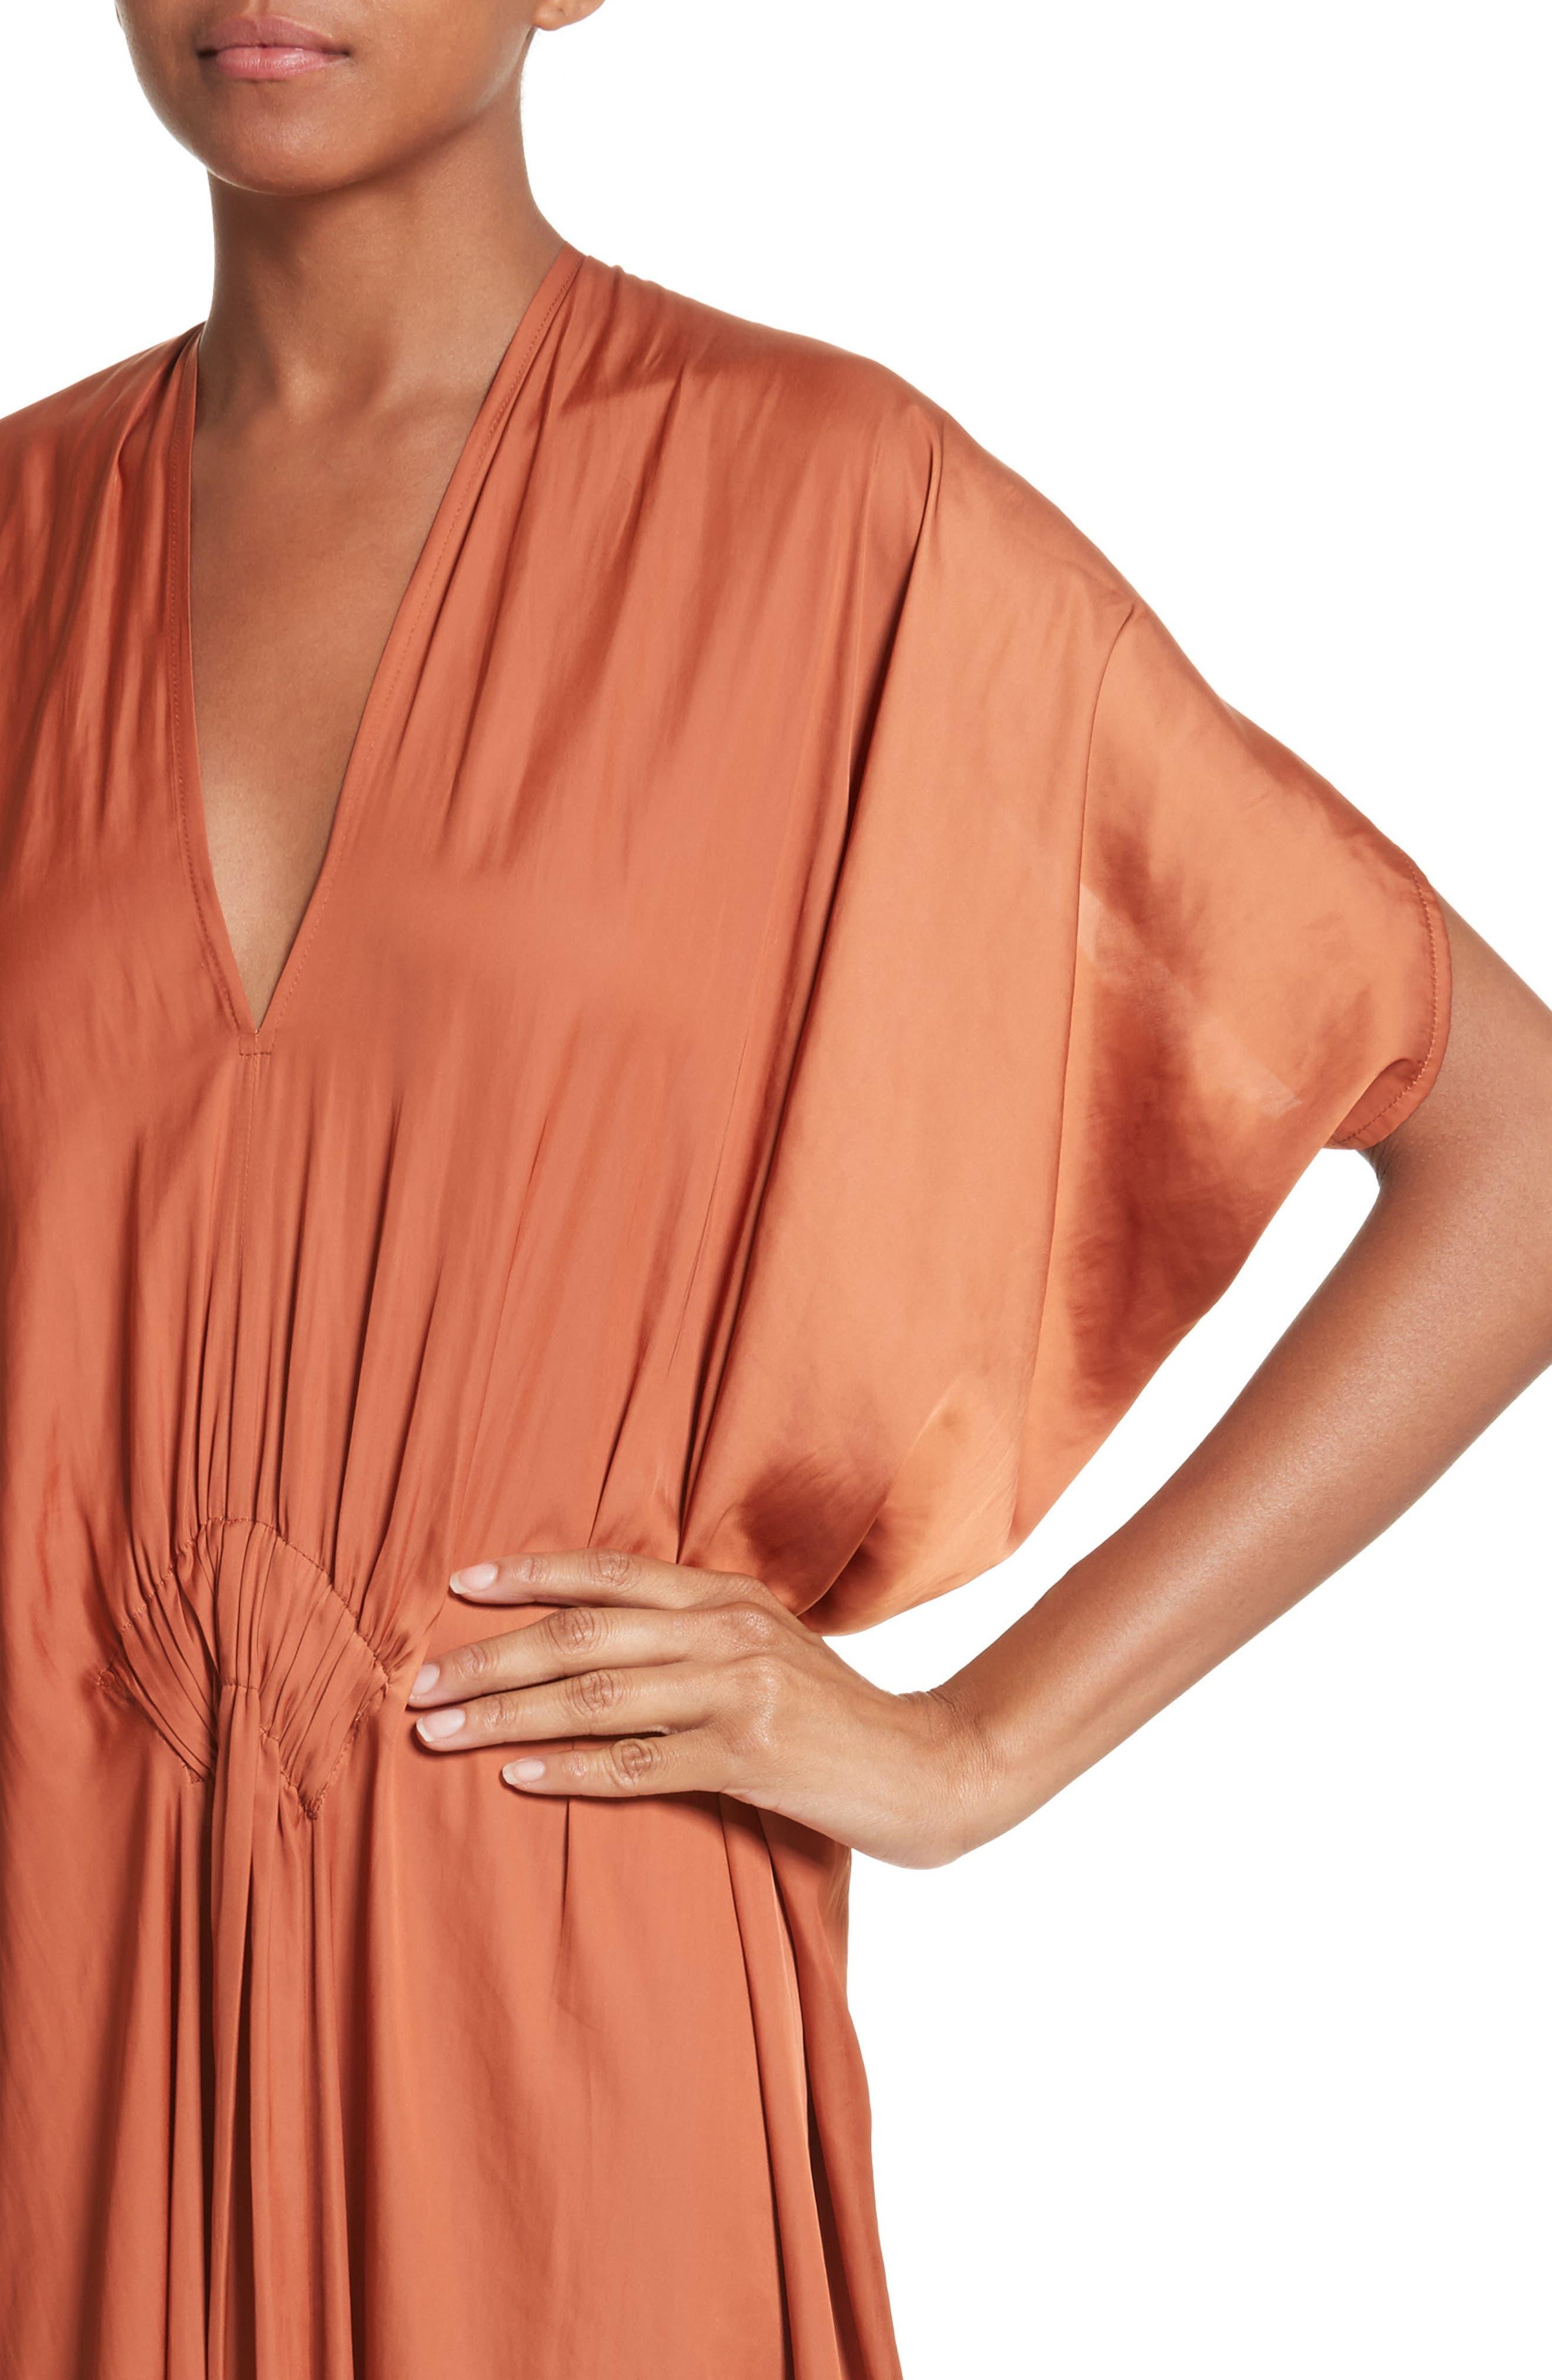 Drape Drift Dress,                             Alternate thumbnail 4, color,                             800